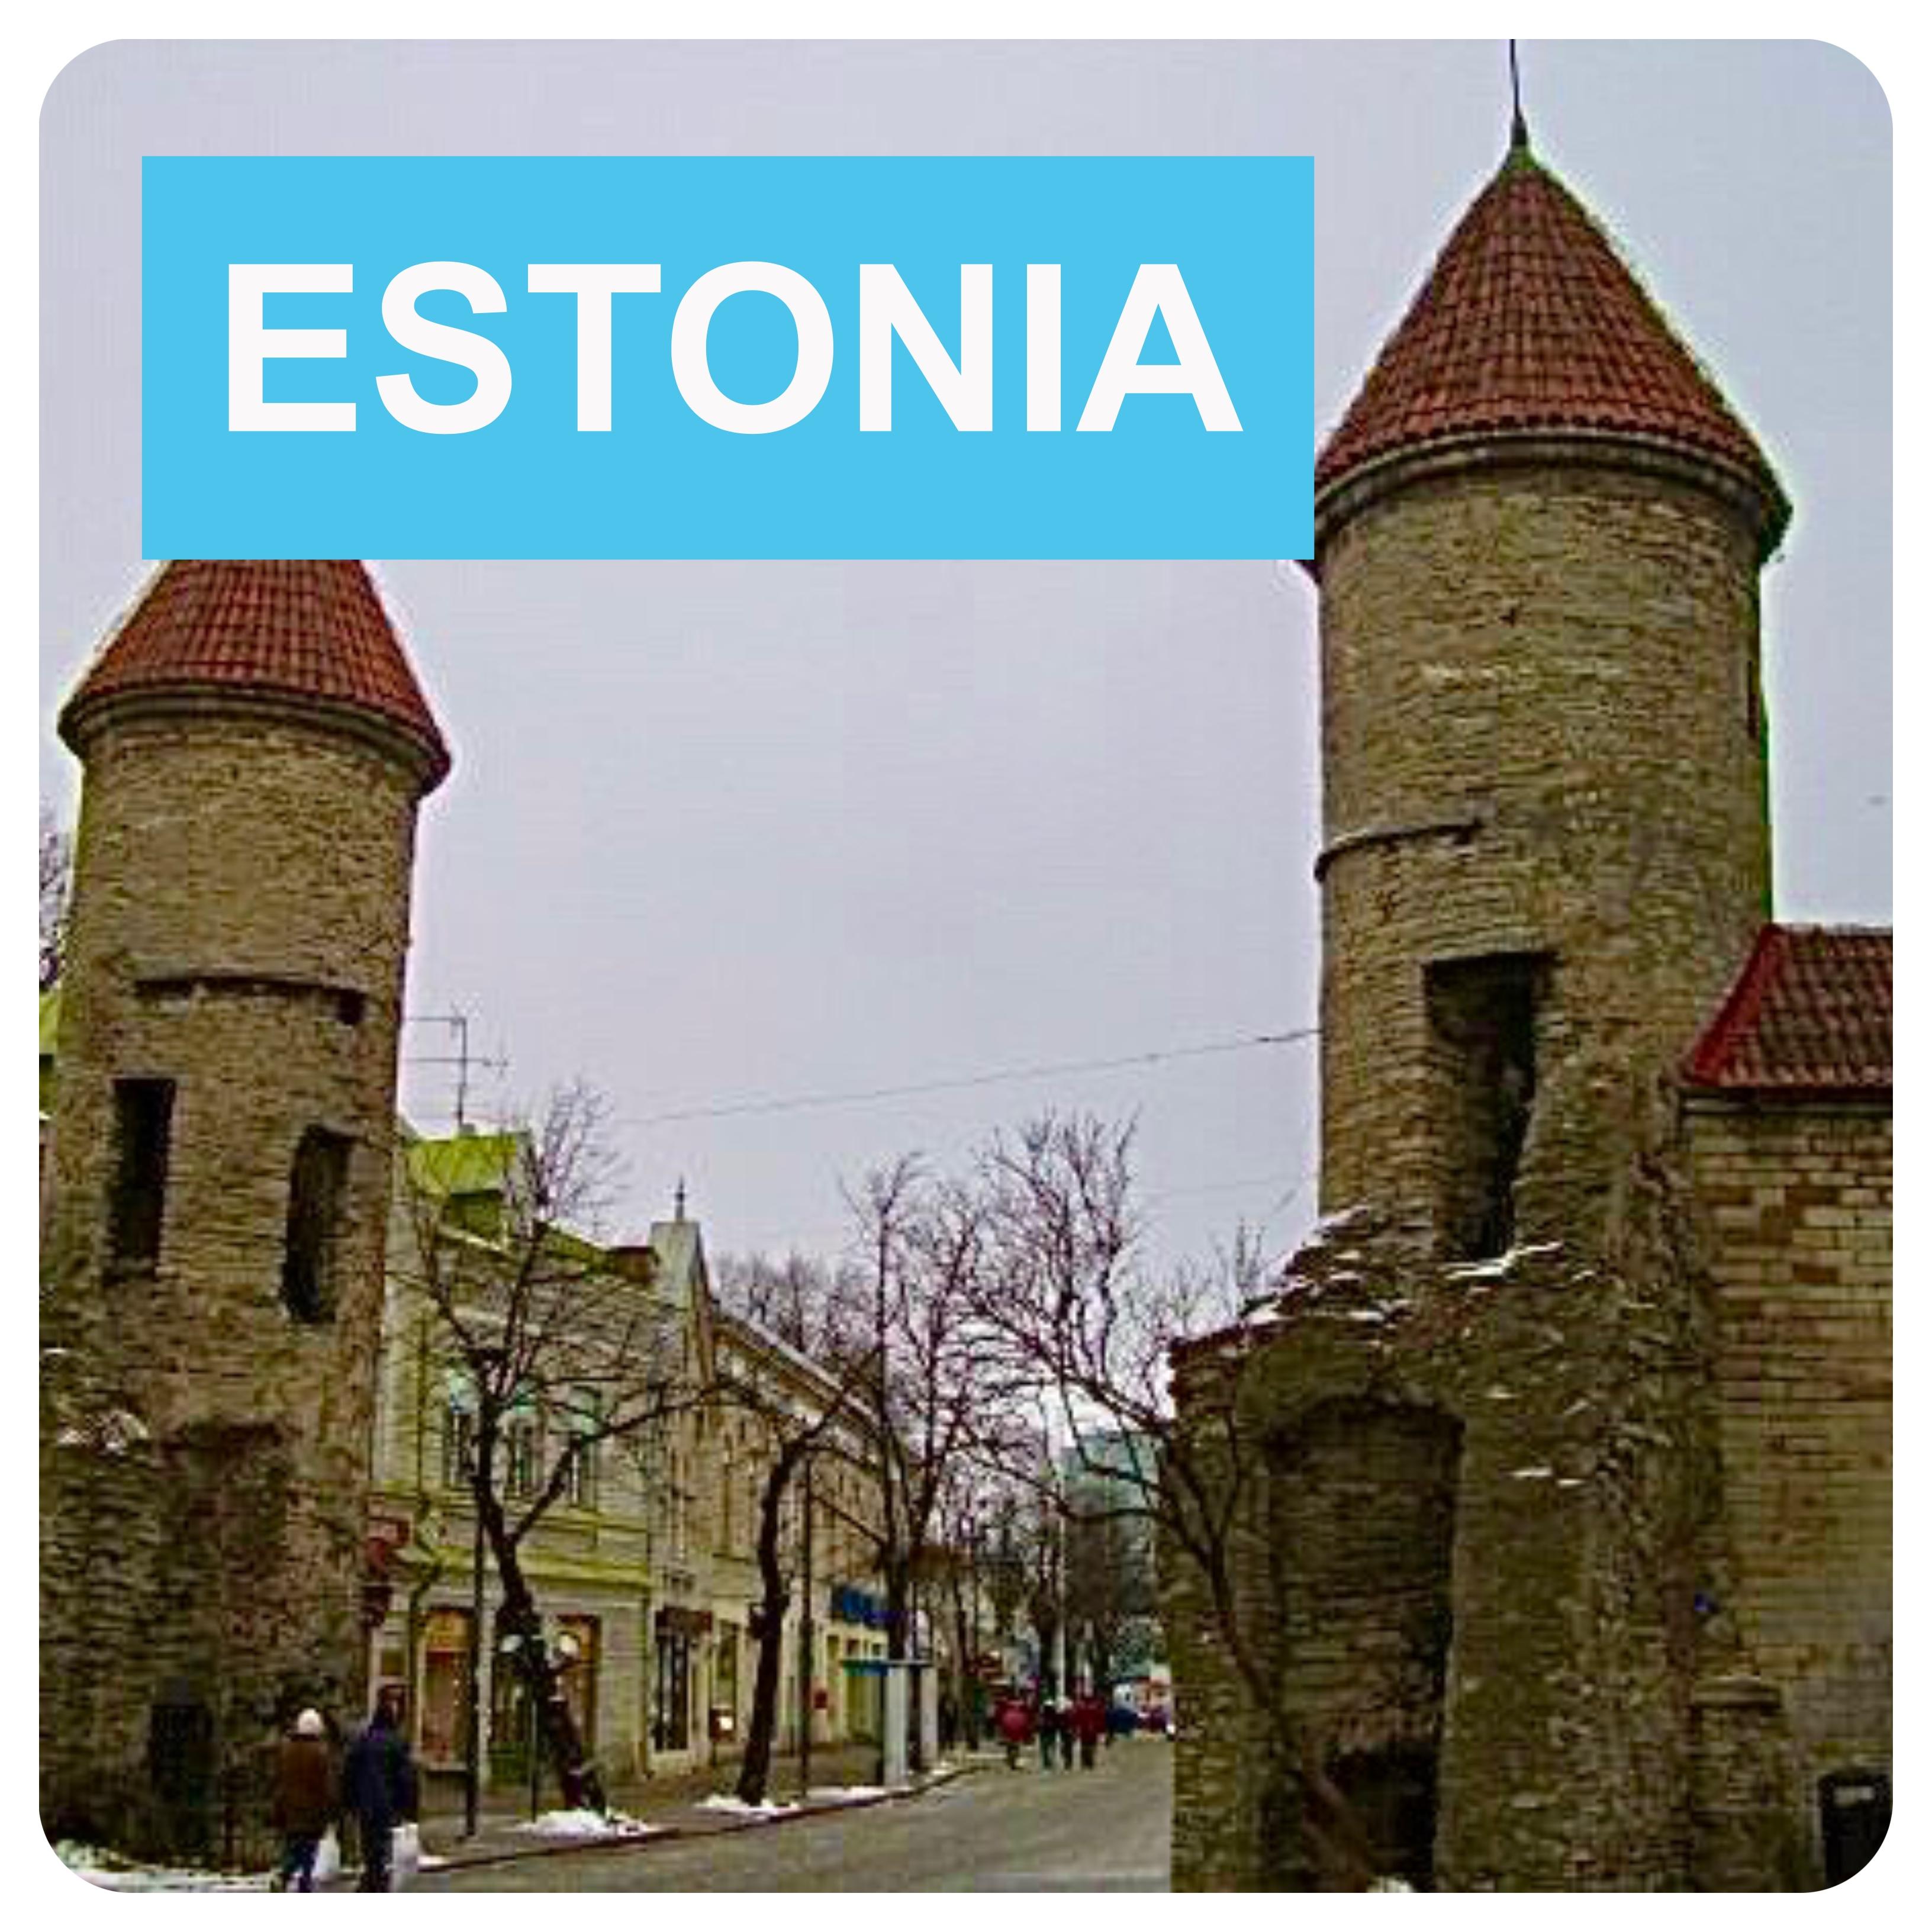 Noleggio auto estonia senza carta di credito